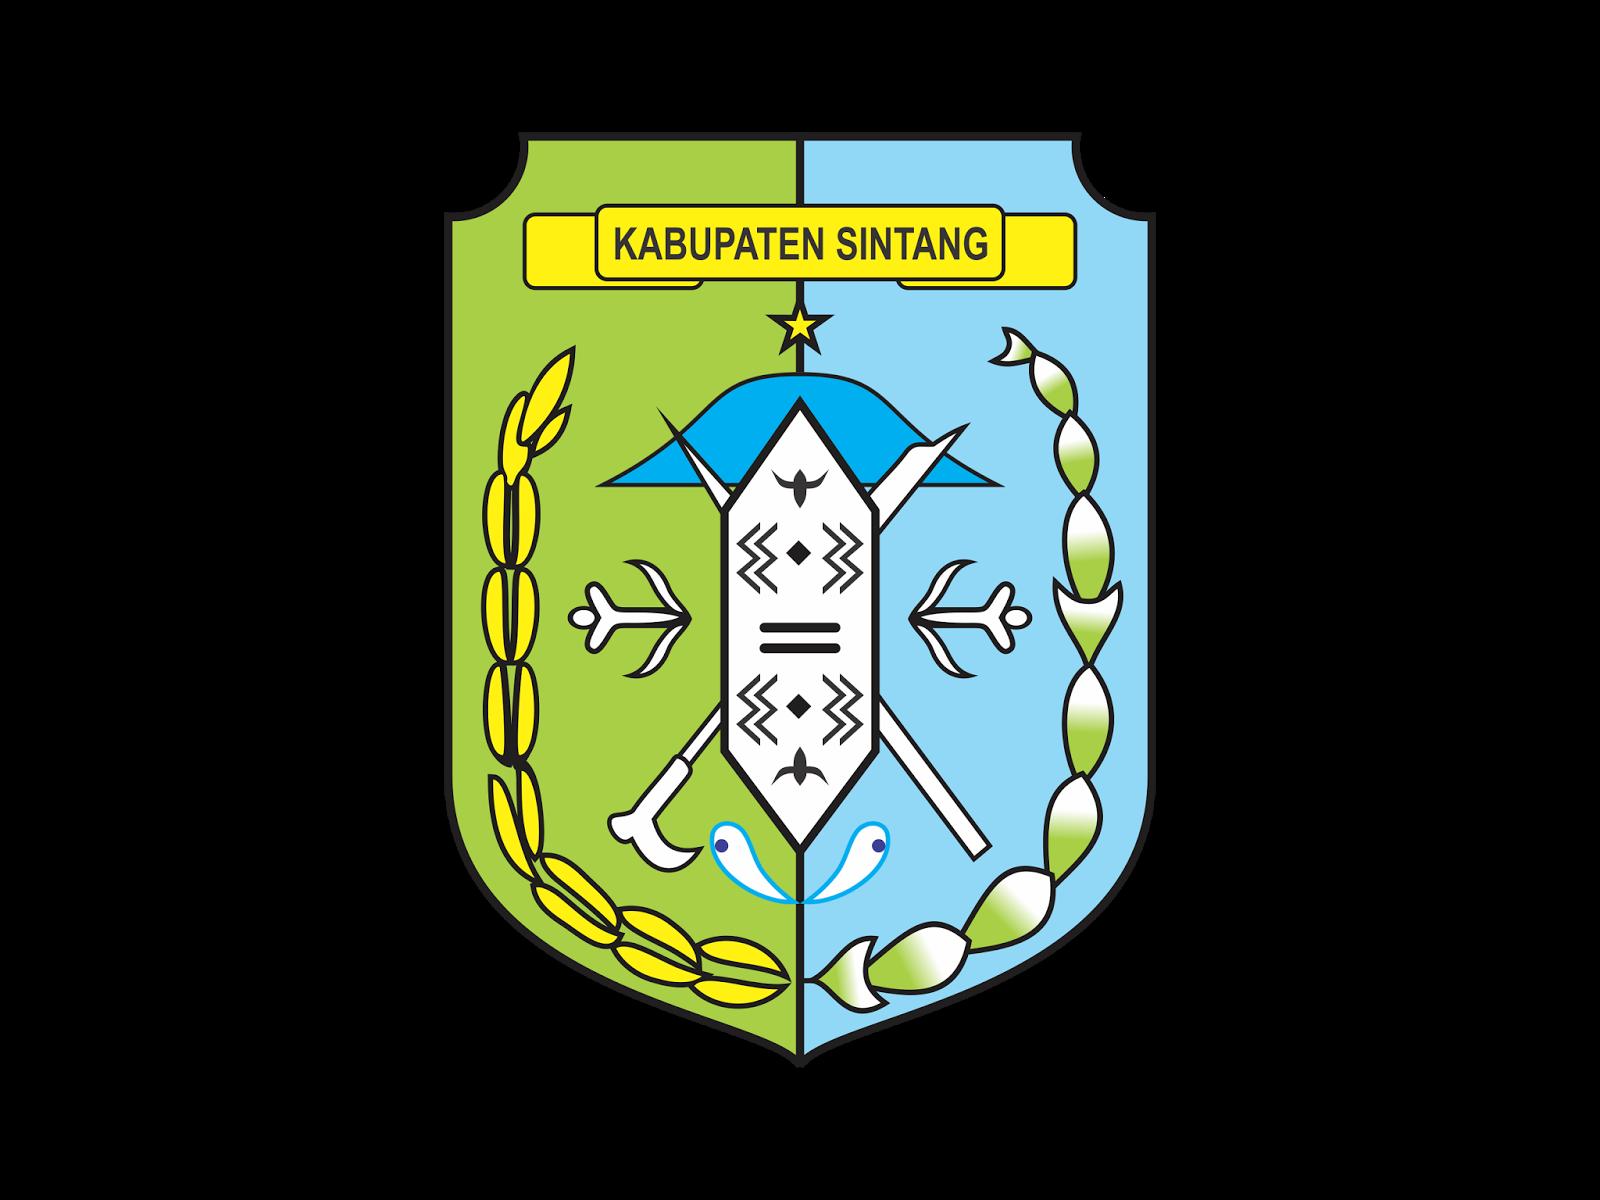 Warung Vector Logo Kabupaten Sintang Vector Cdr Png Hd